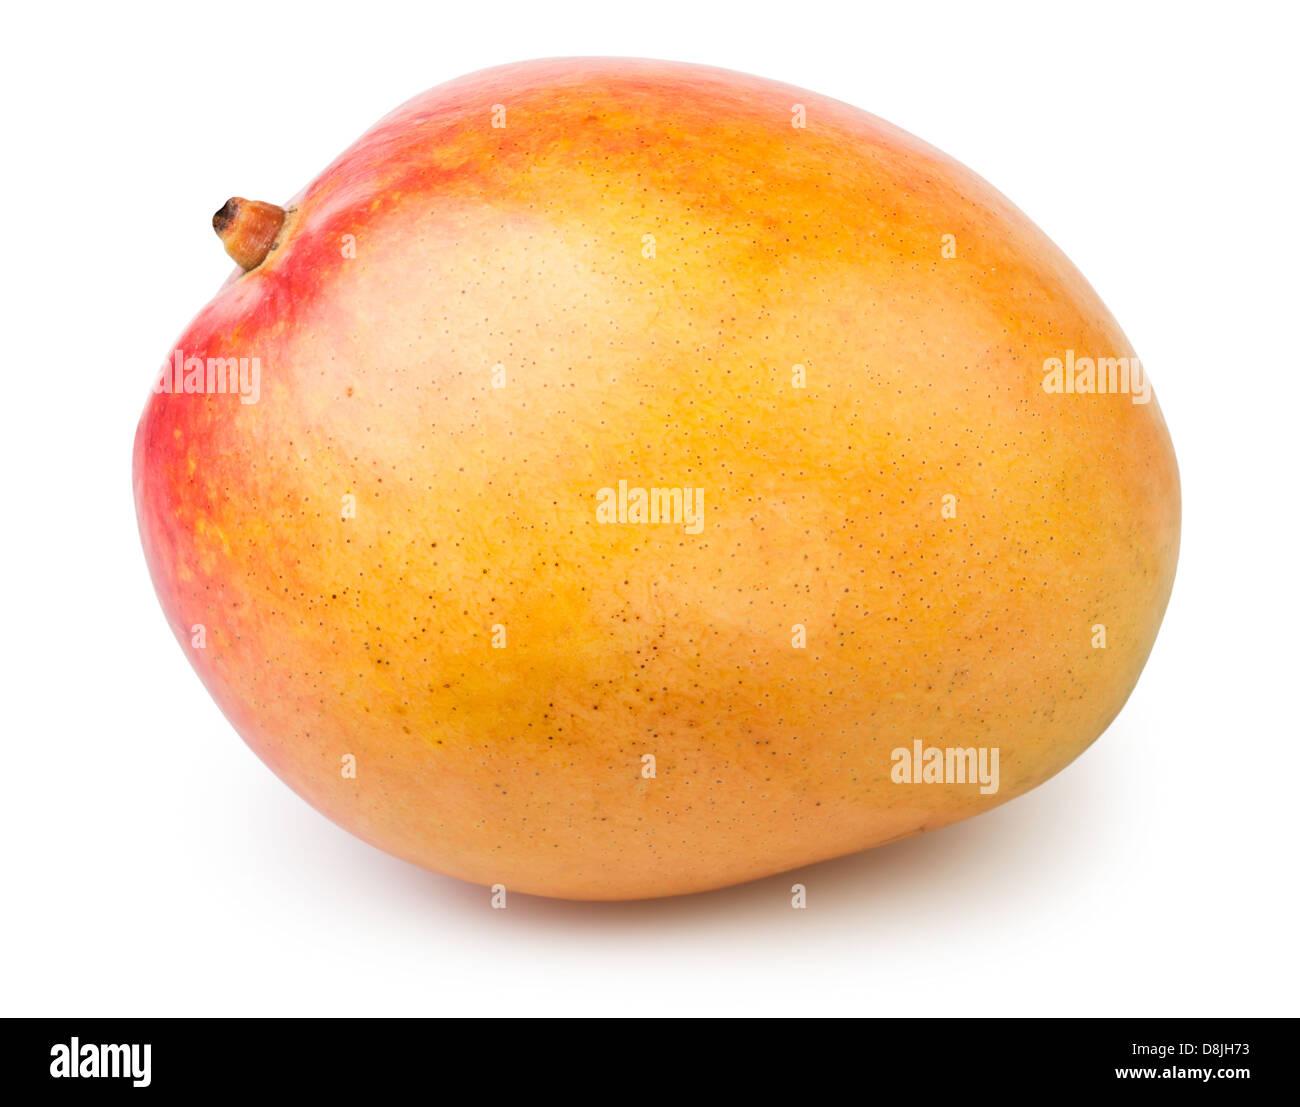 mango one yellow on white background - Stock Image